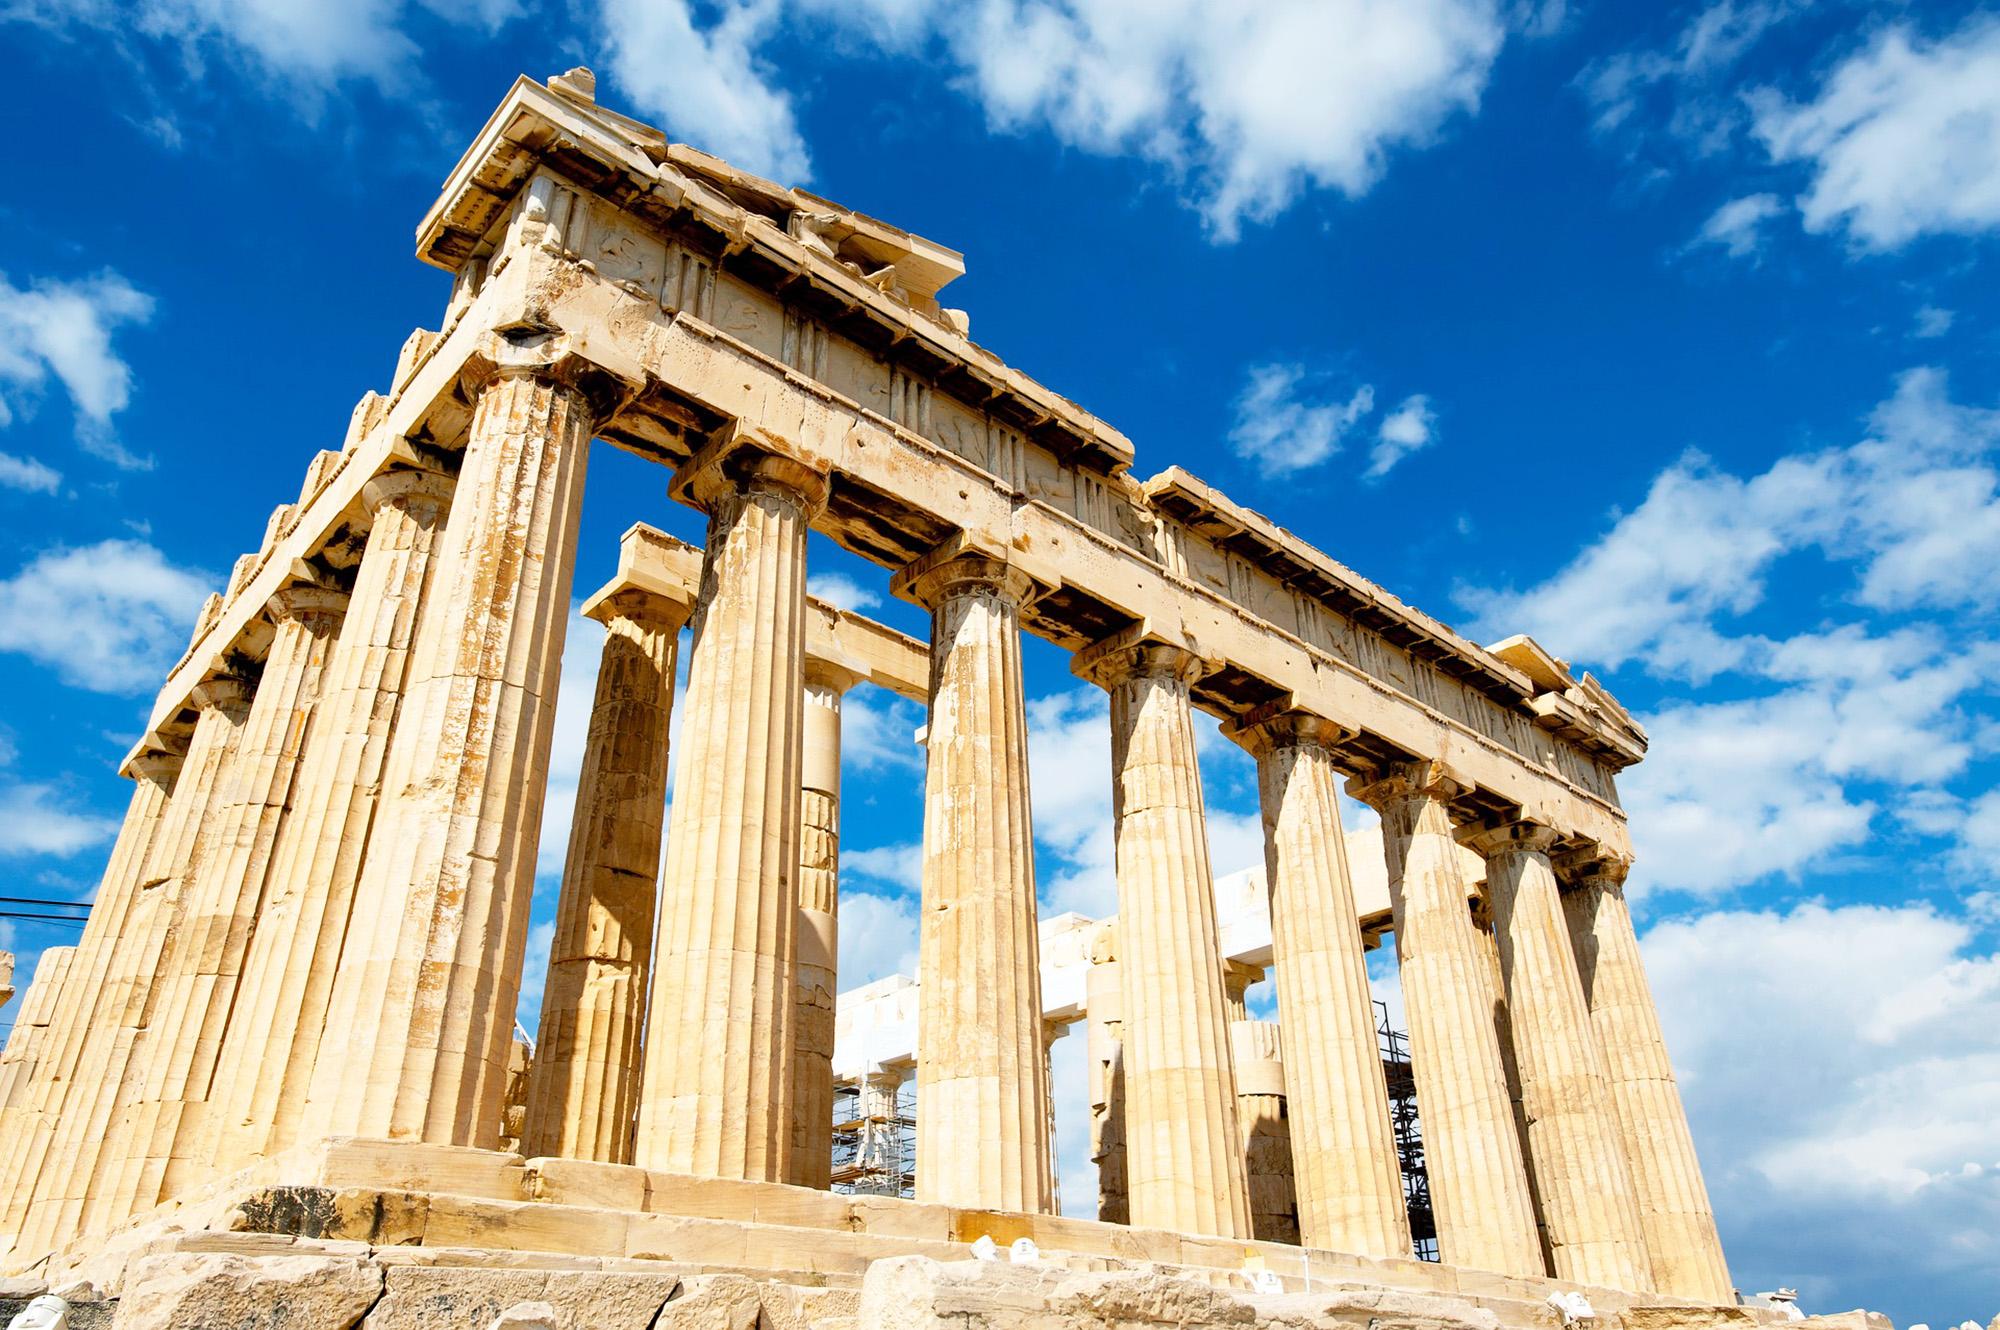 Colonnes antiques érodées par le temps, faisant penser aux temples présents en Grèce.